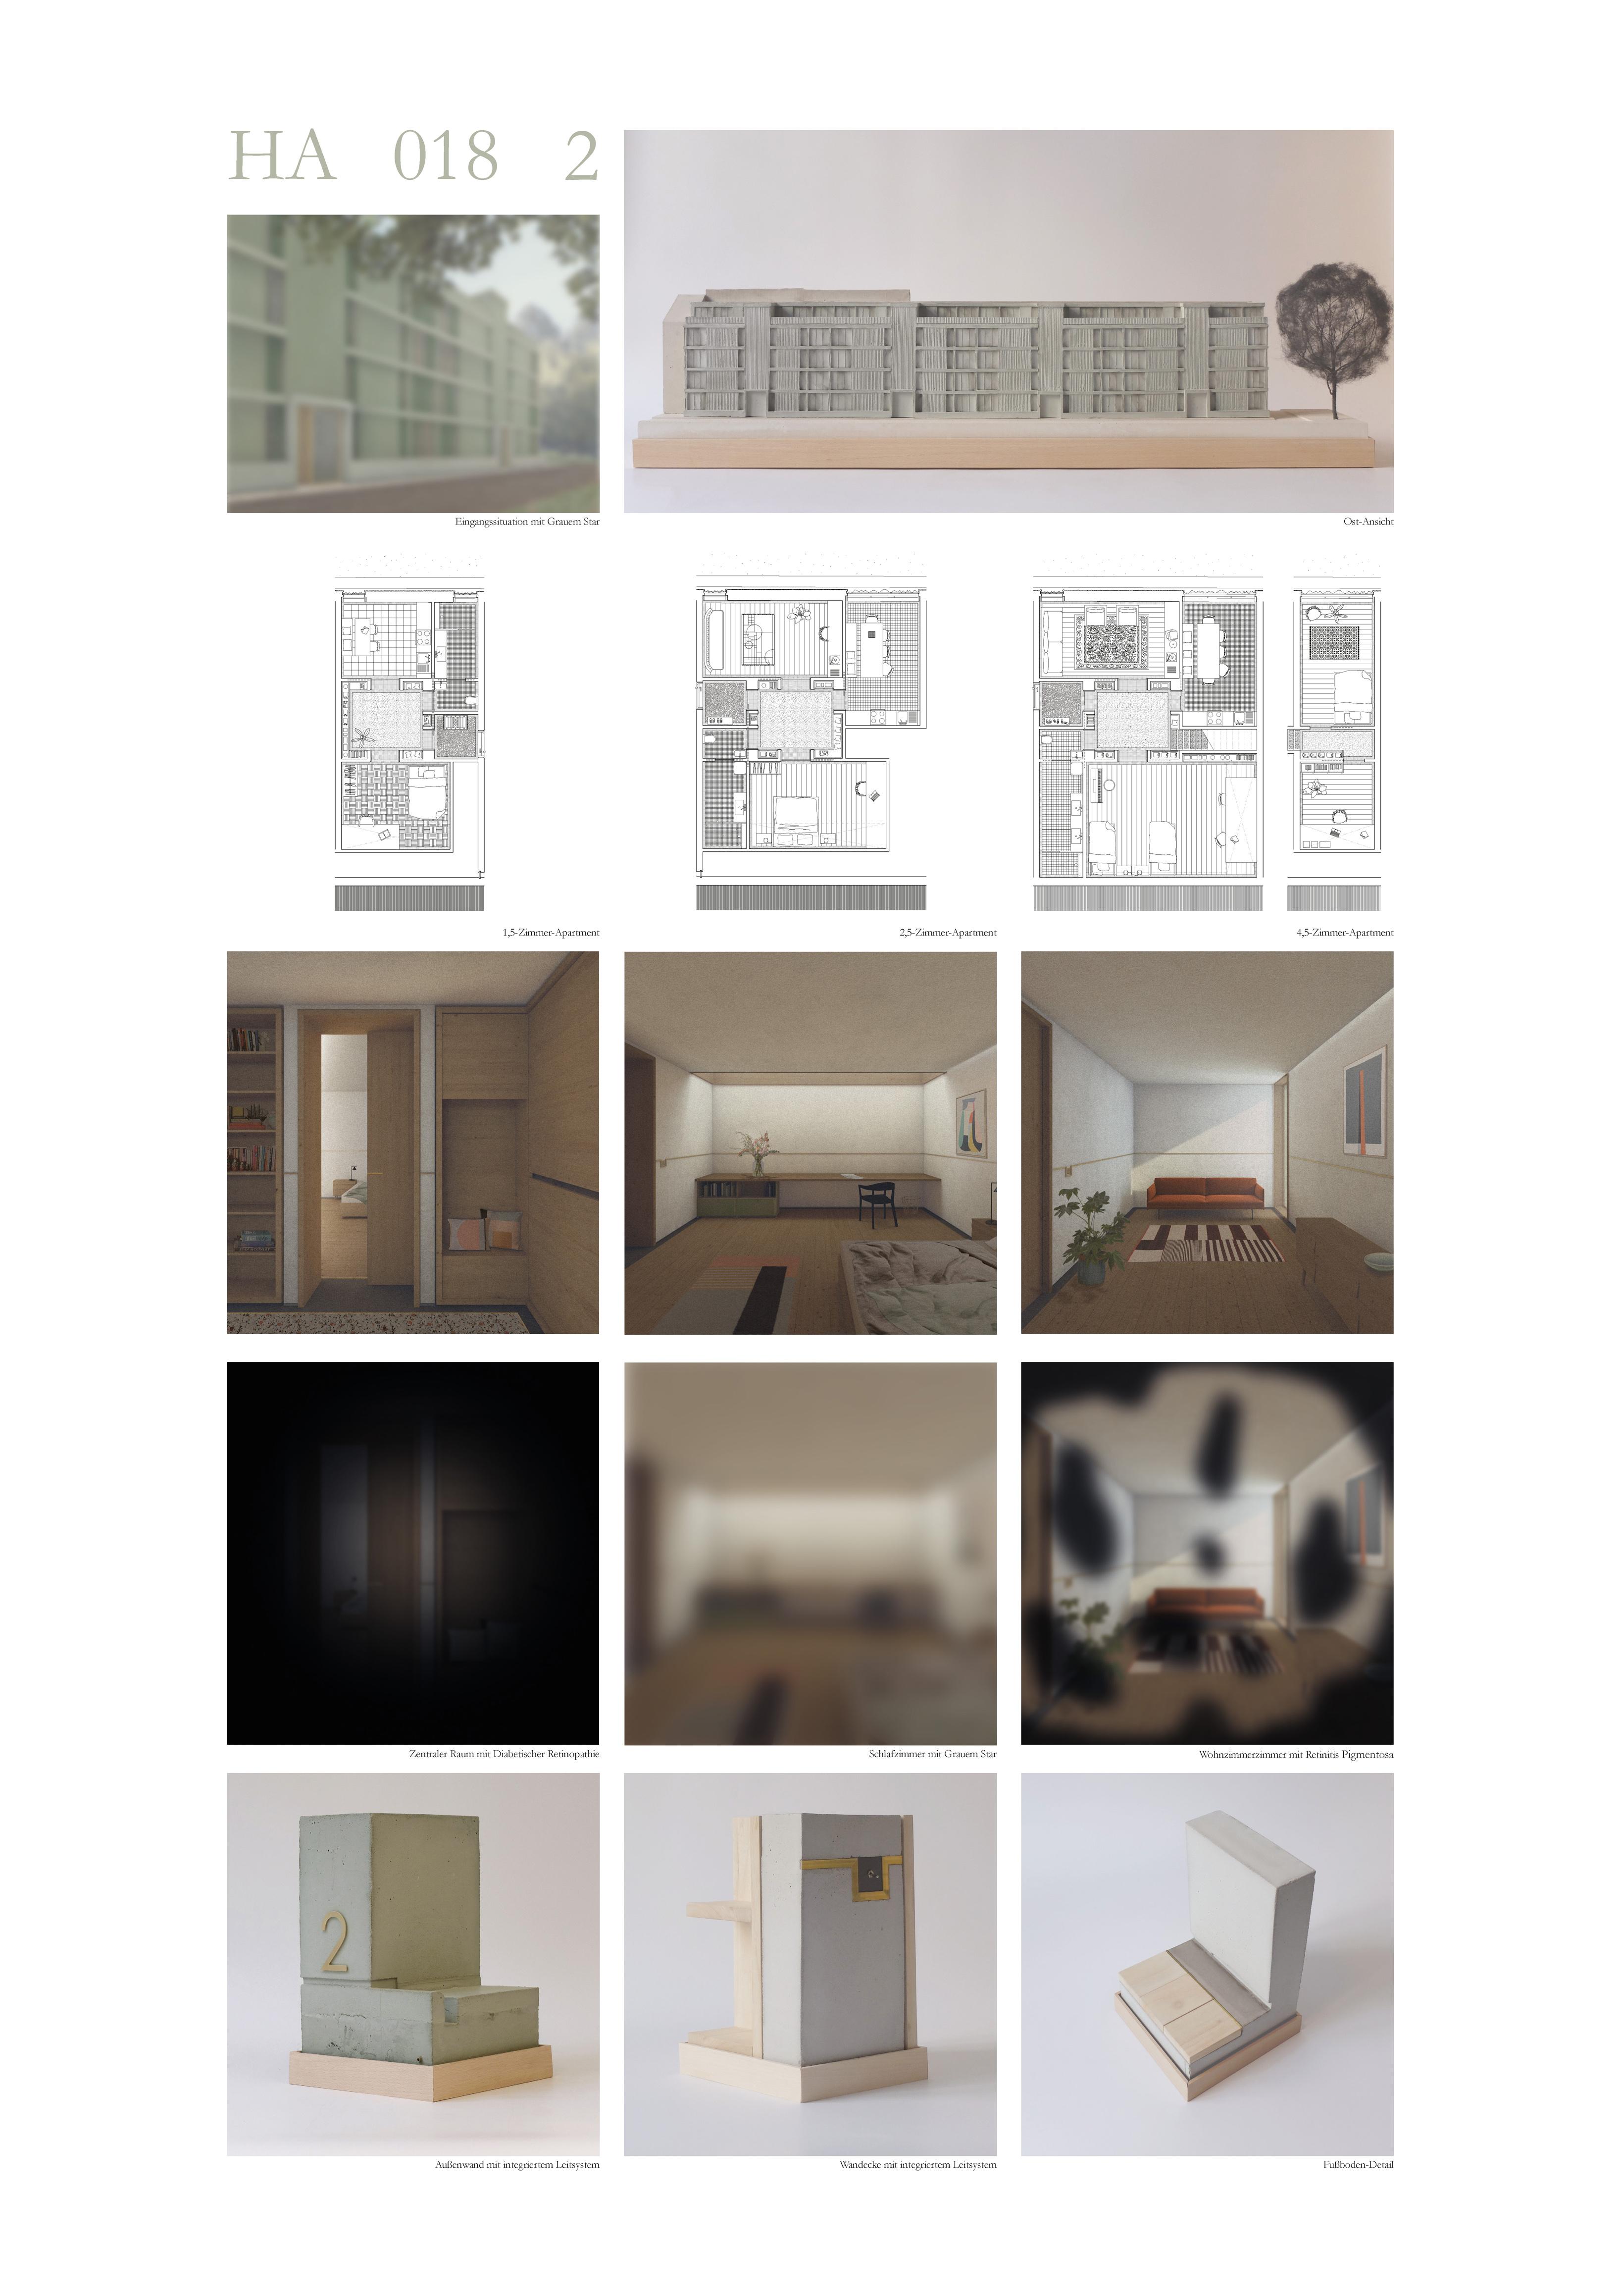 Preisträger 2017/18 - Concrete Design Competition